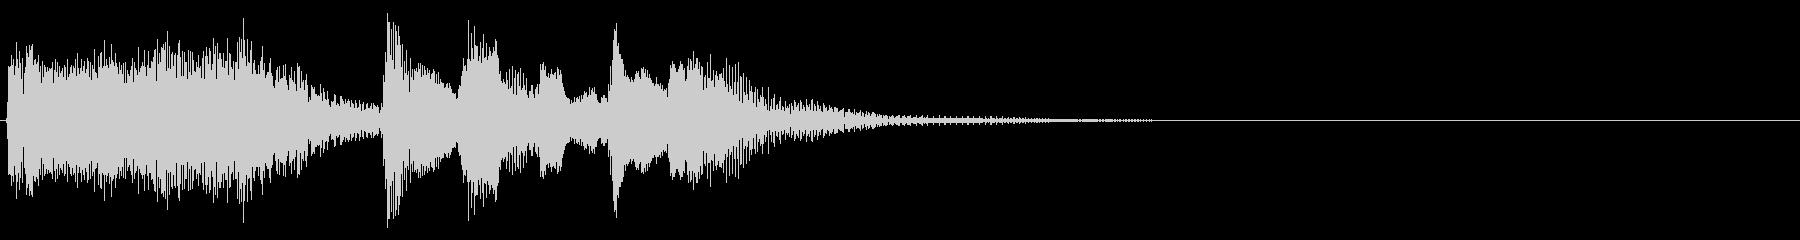 品のある室内楽風のサウンドロゴの未再生の波形